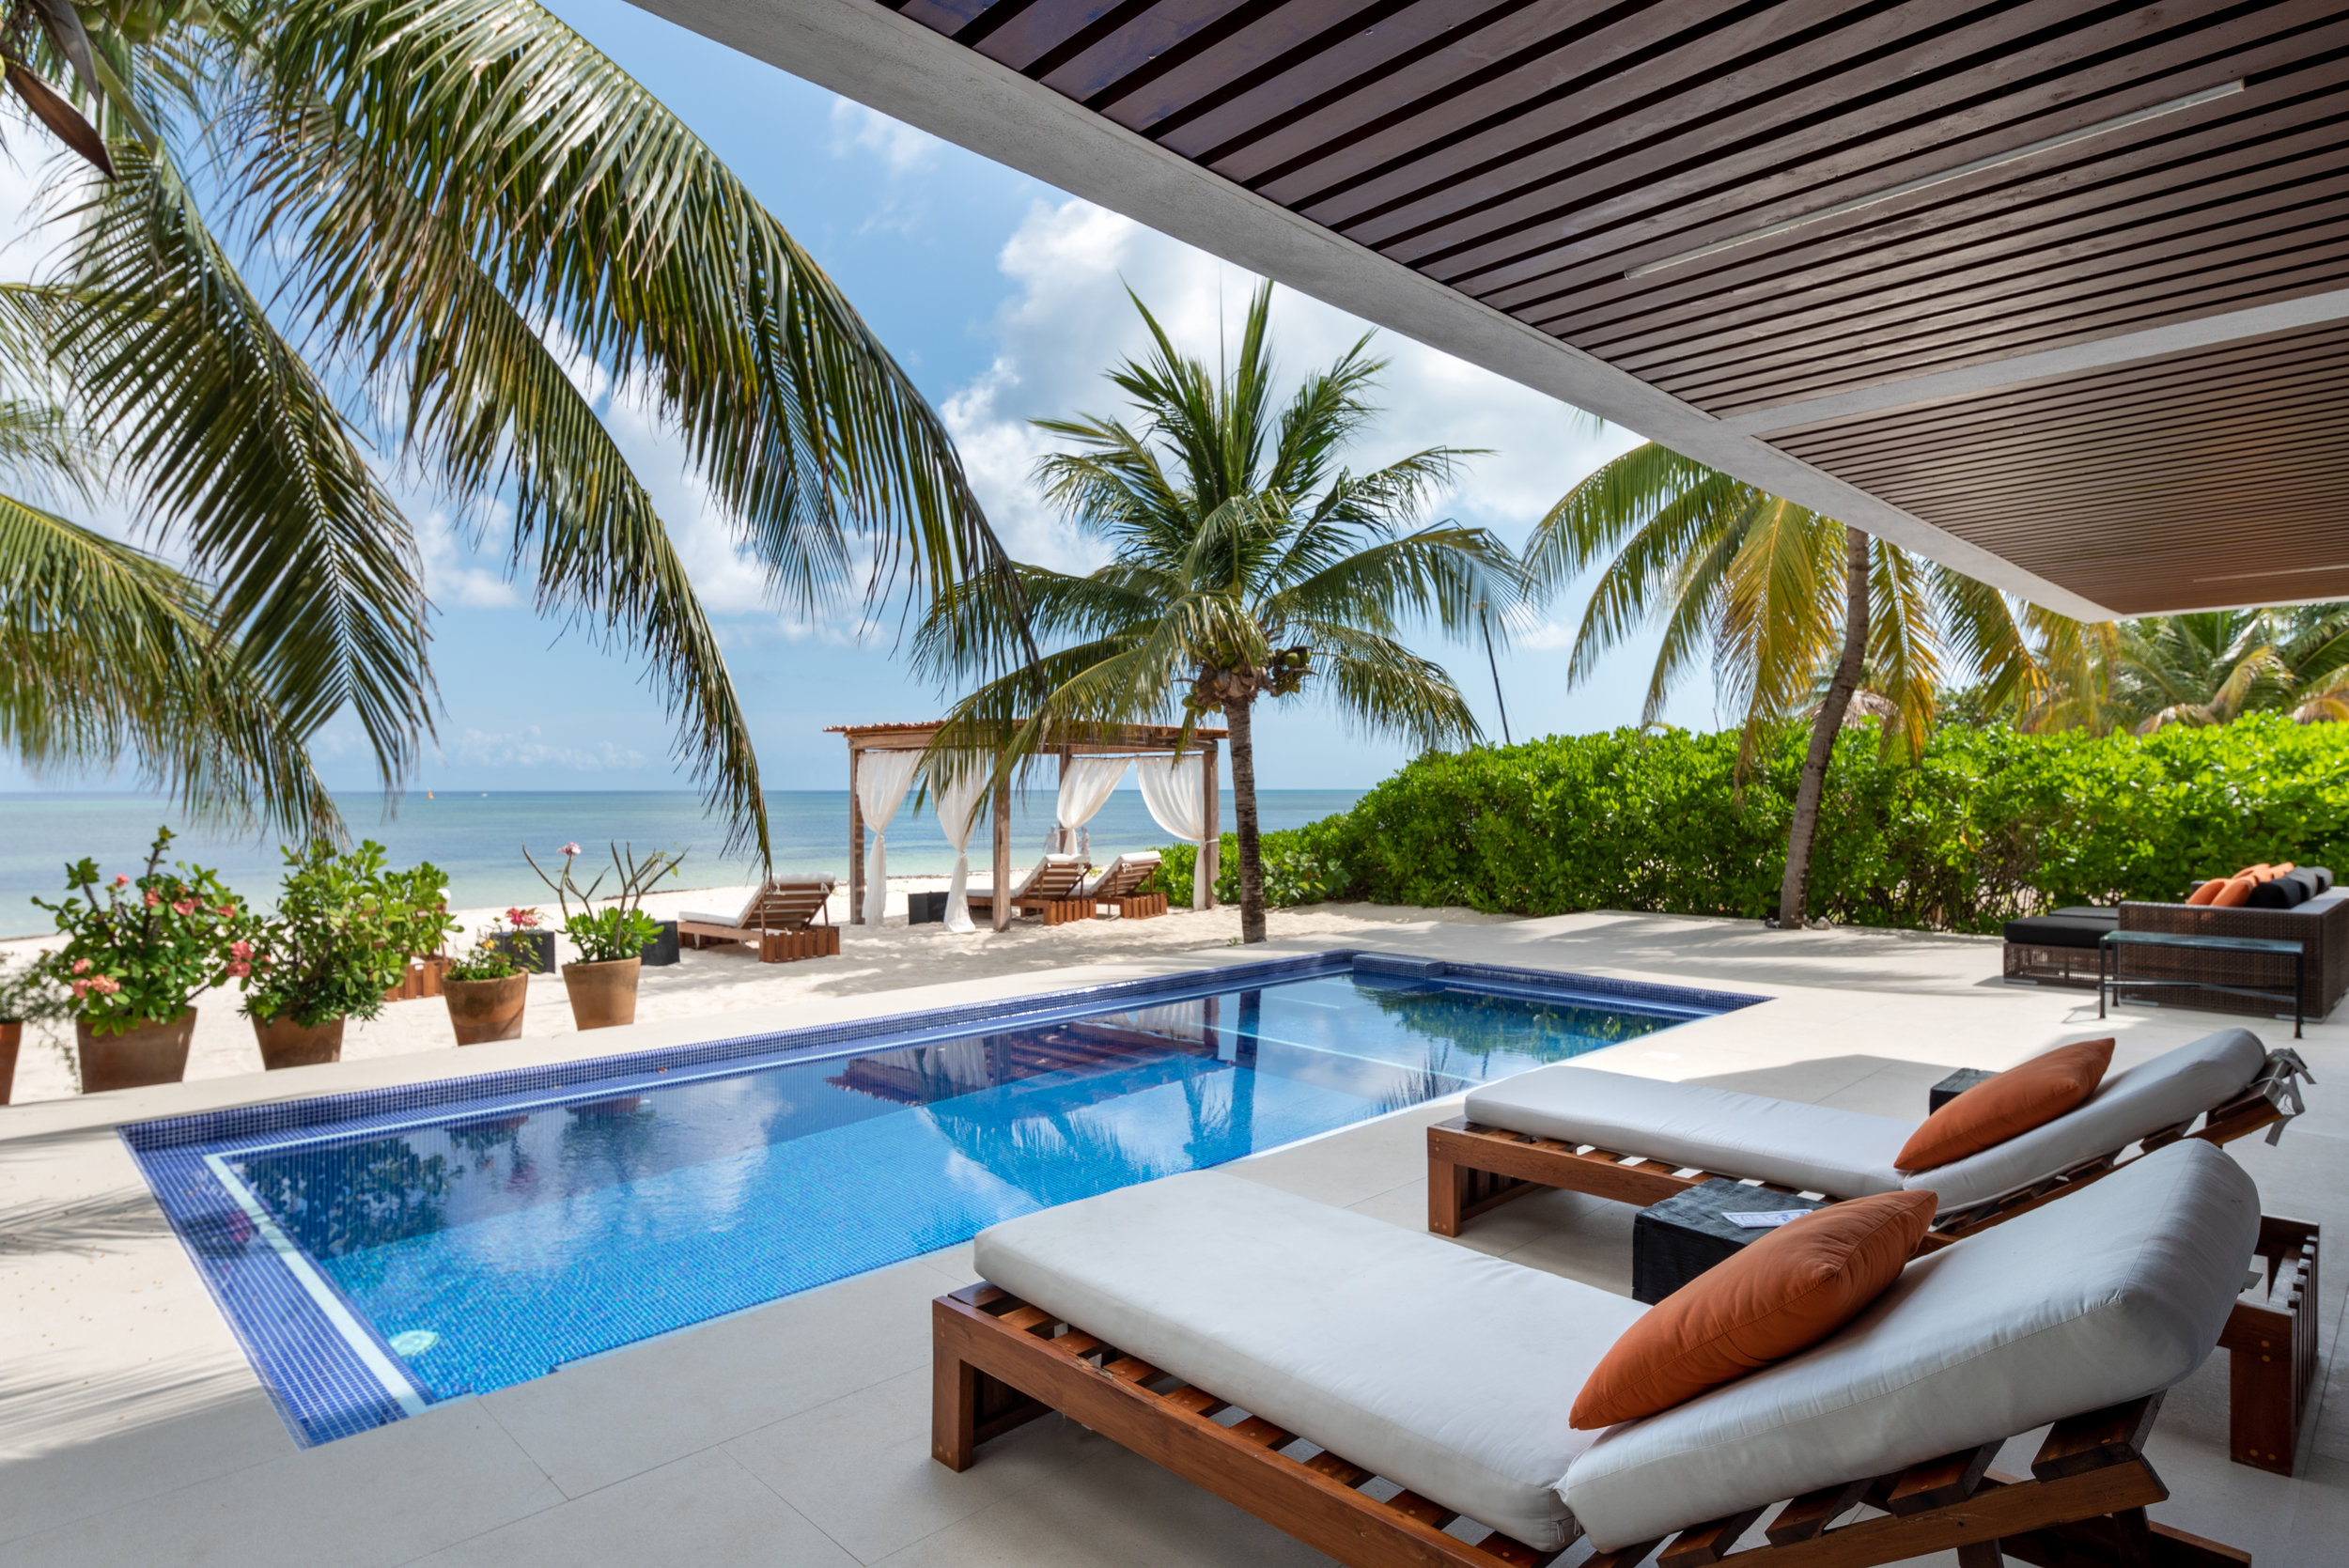 villa del sol - a modern masterpiece…